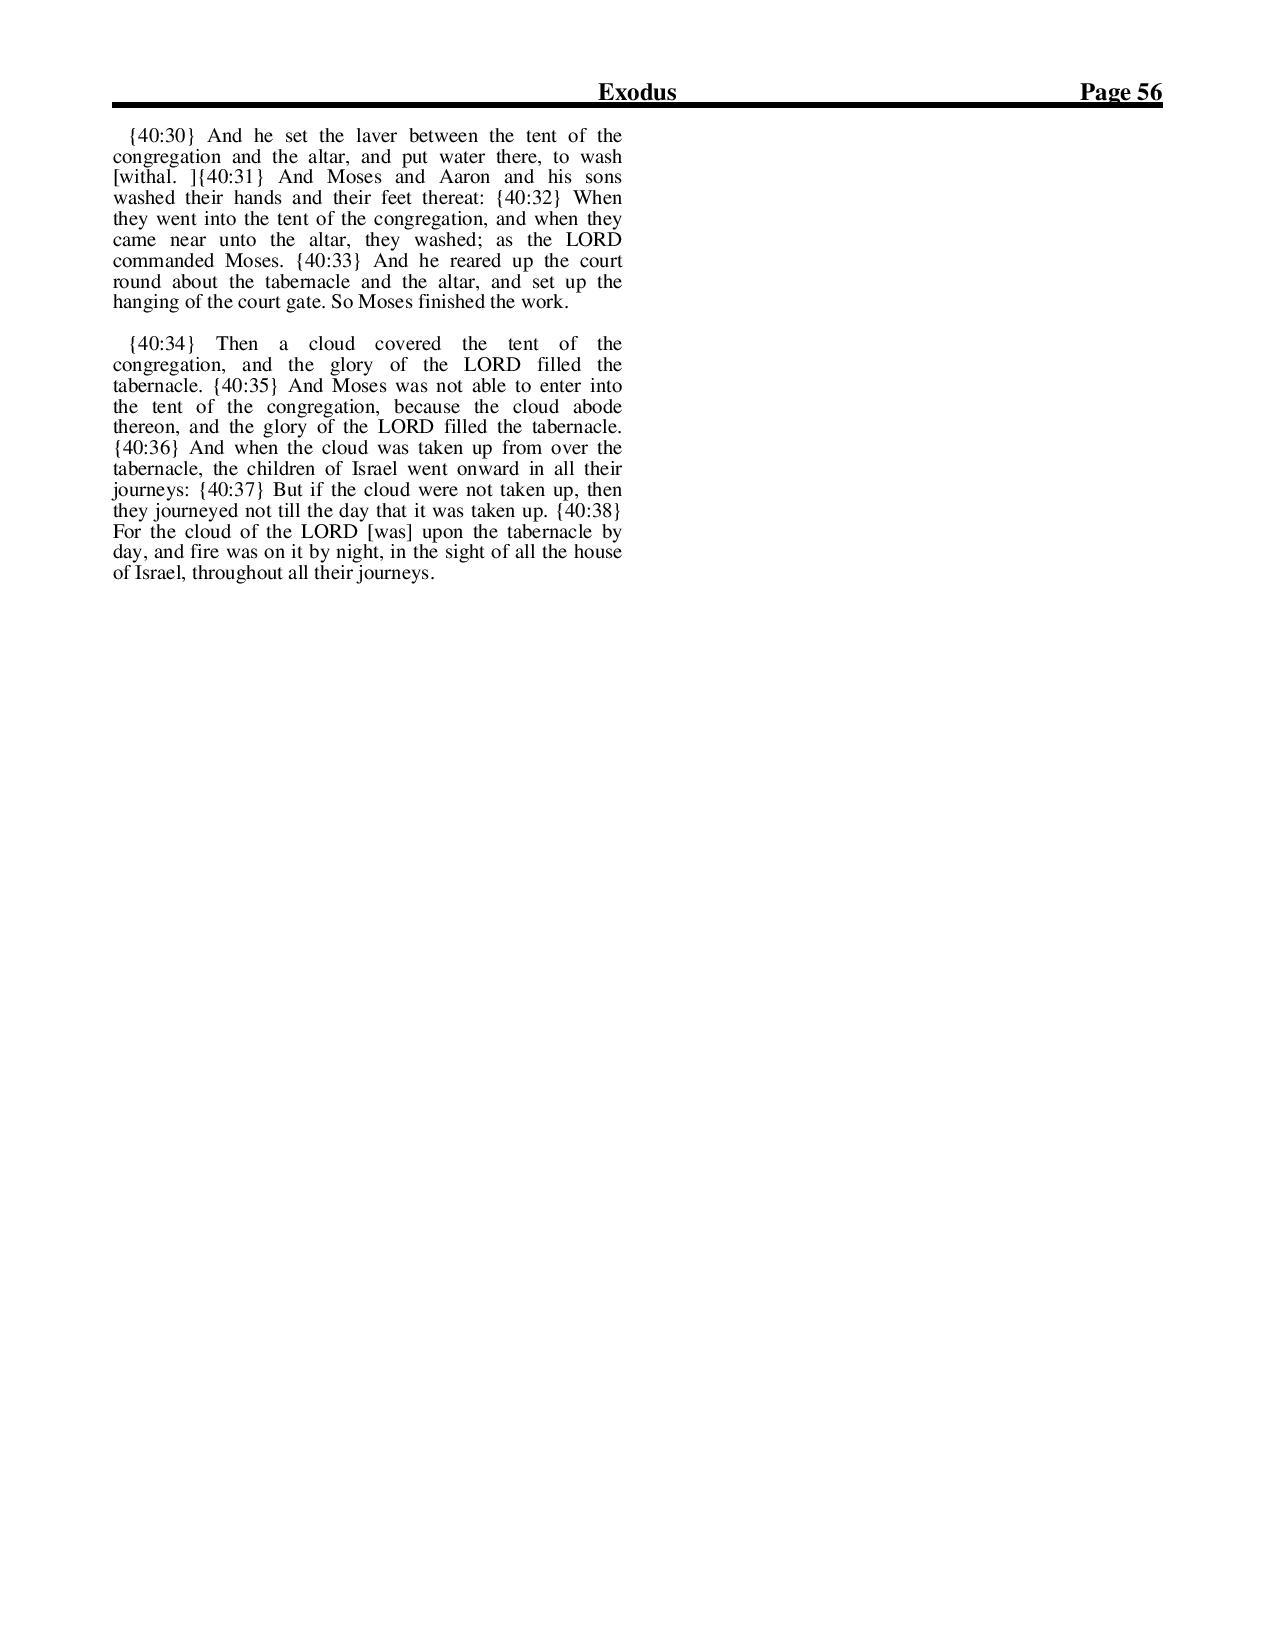 King-James-Bible-KJV-Bible-PDF-page-077